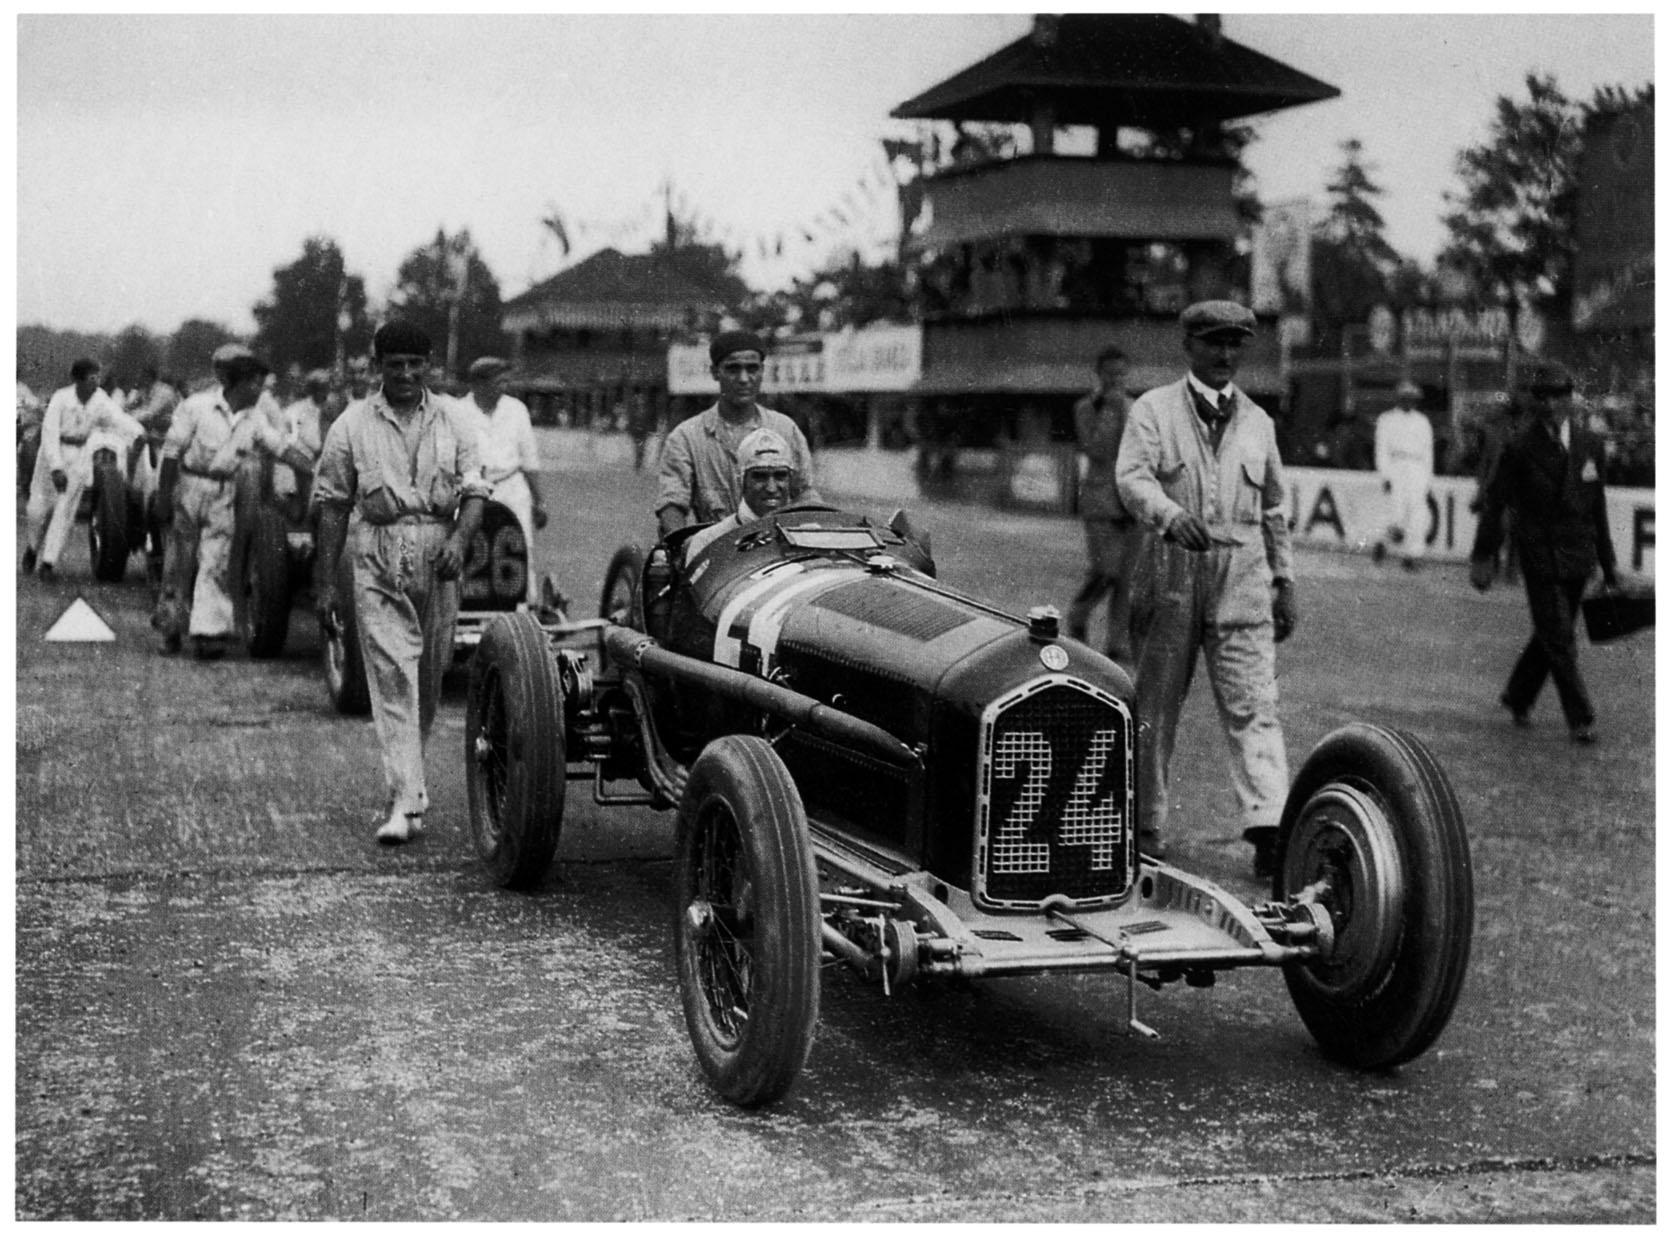 Nuvolari skyves fram til start for Grand Prix løpet på Monza i 1932 i sin Alfa Romeo.